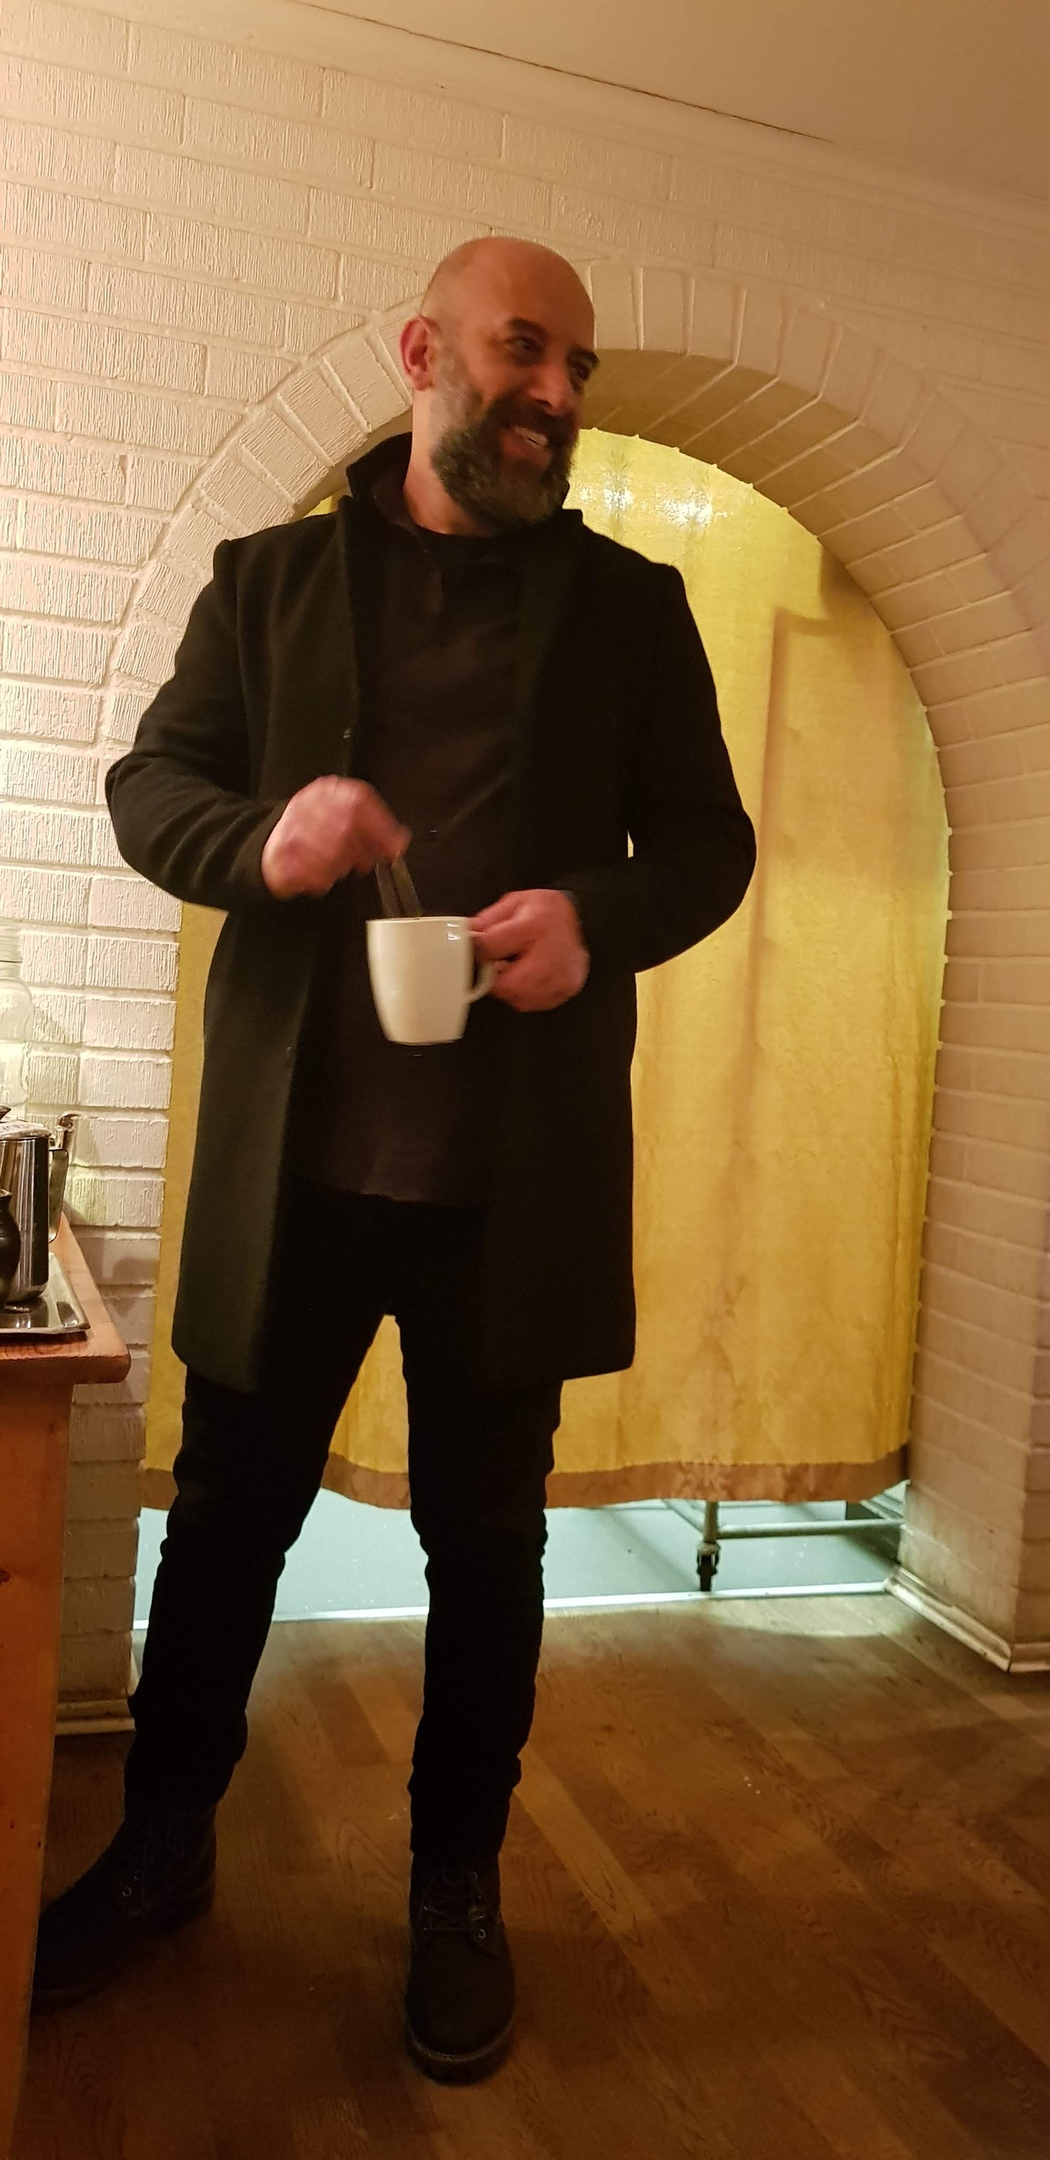 Misha, 42, Uppsala